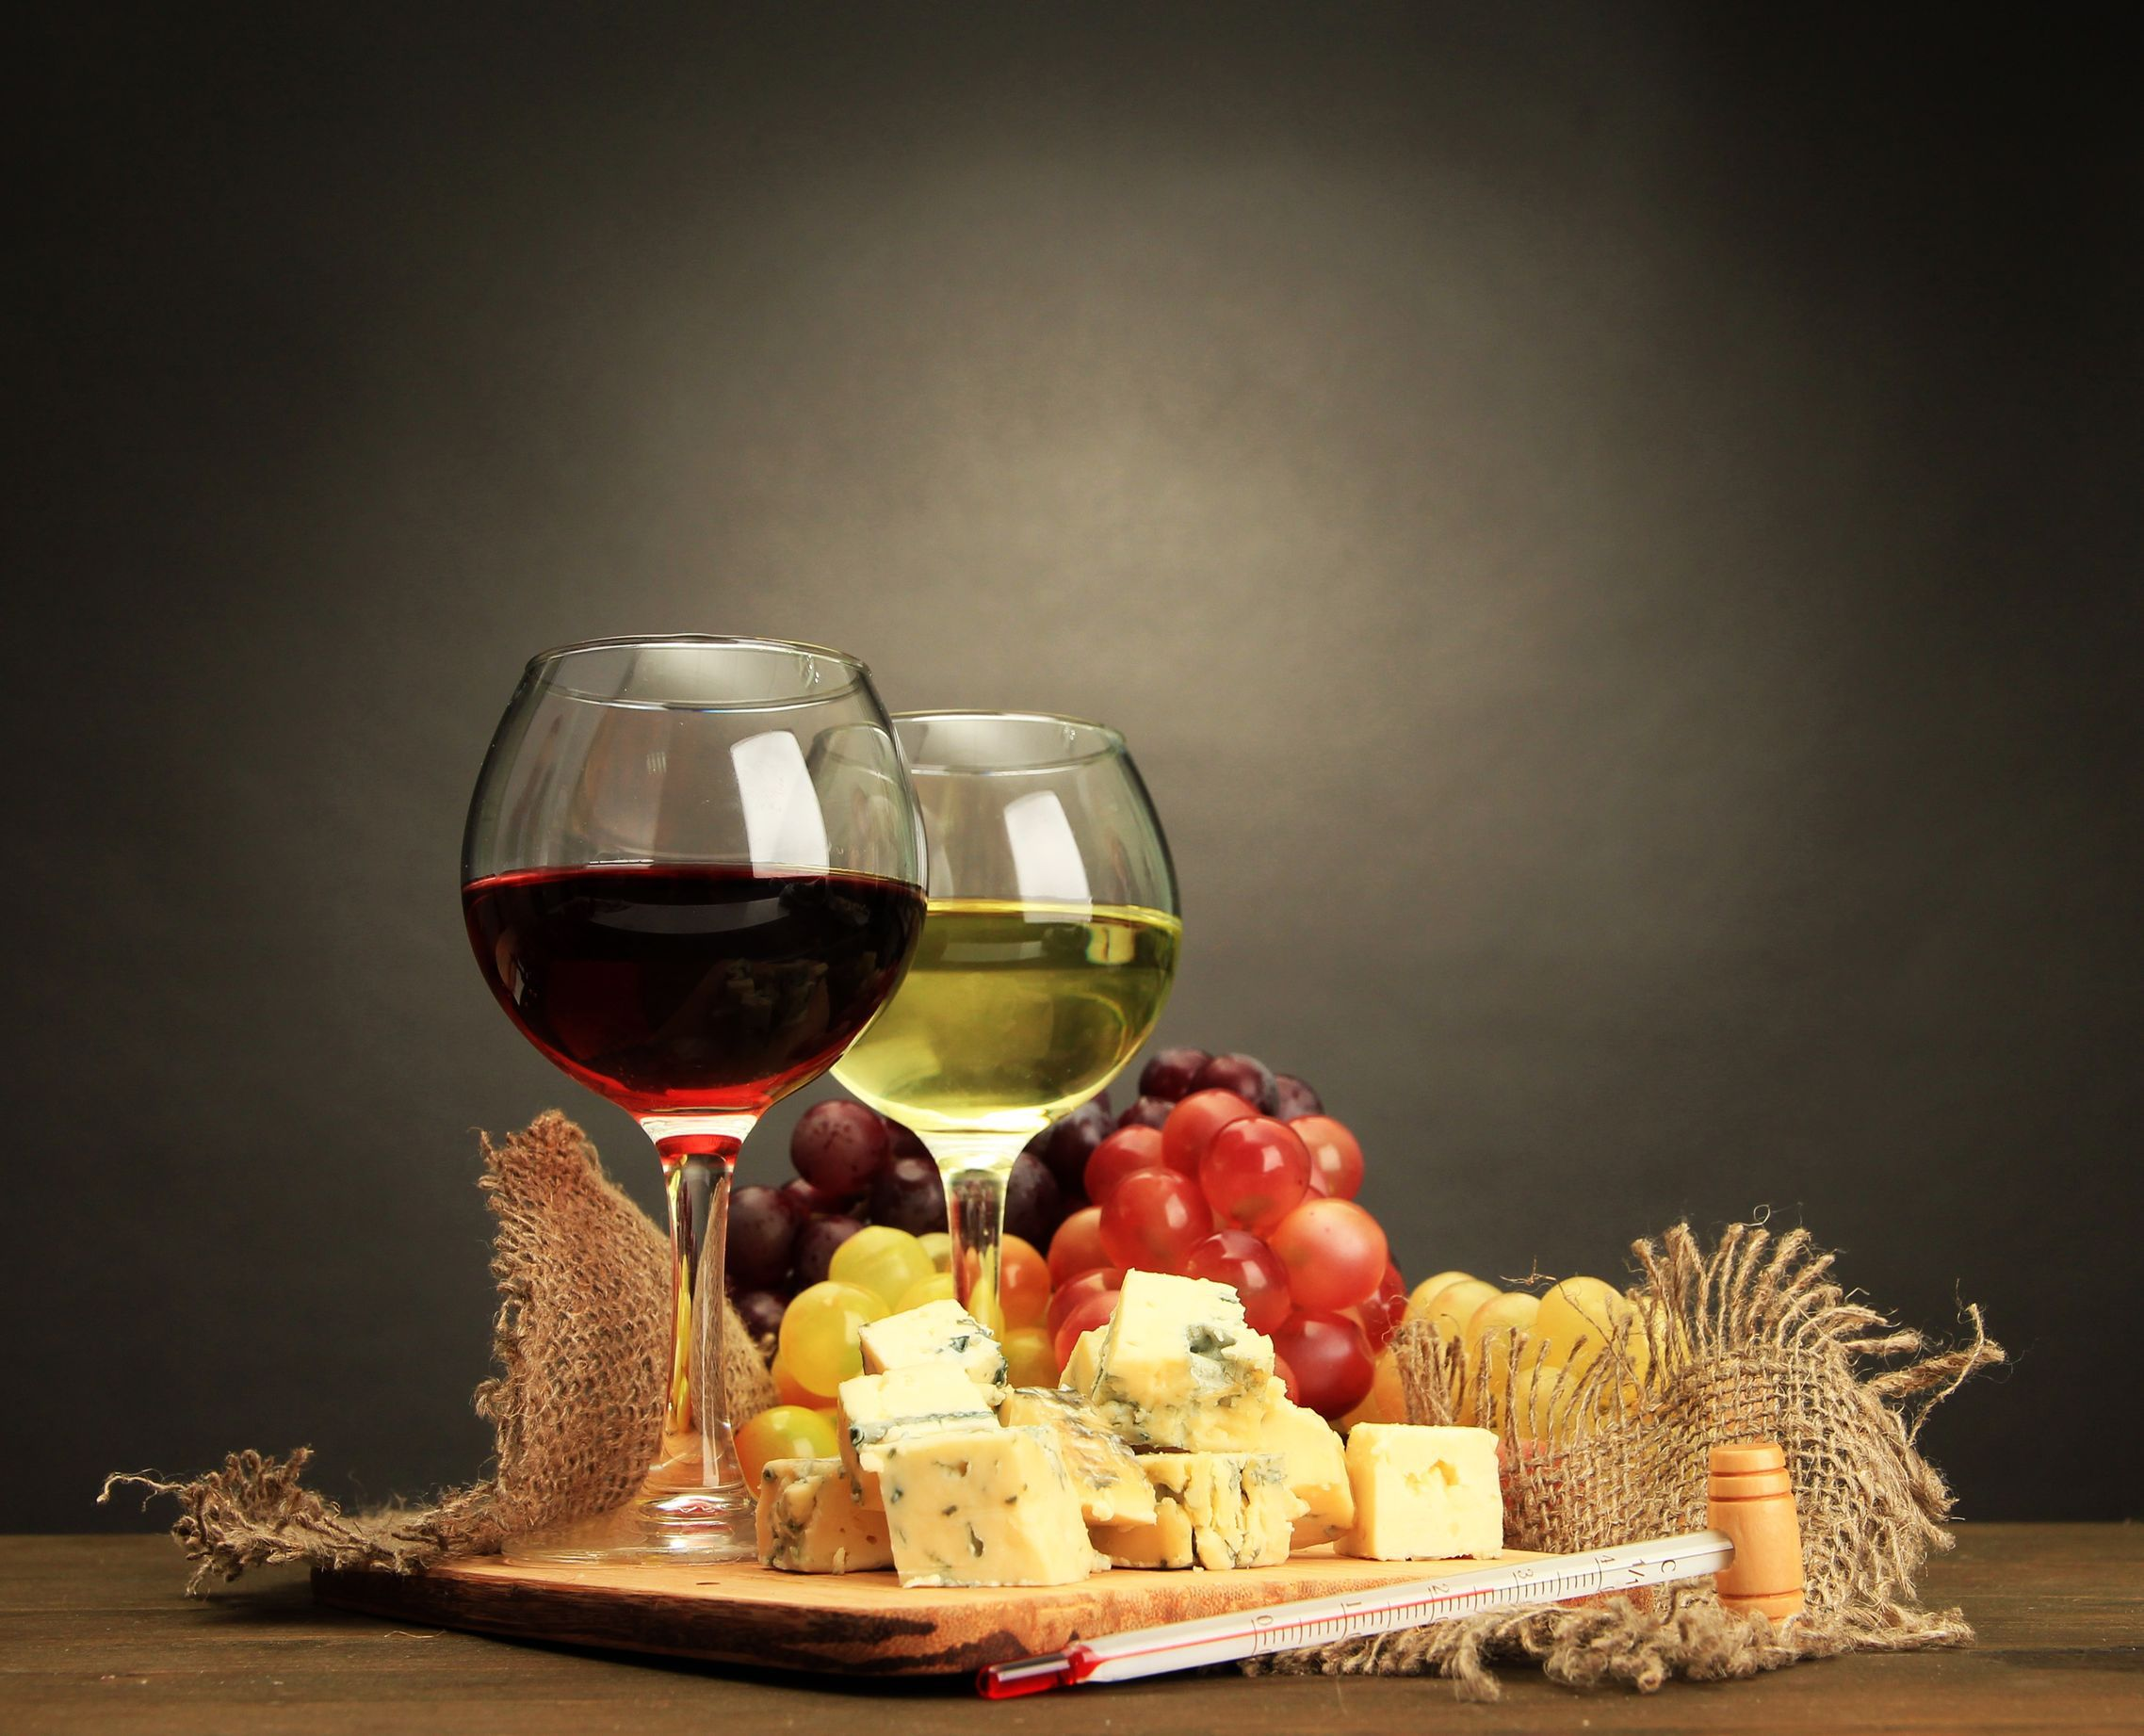 Câte zile poţi păstra de fapt vinul după ce l-ai desfăcut